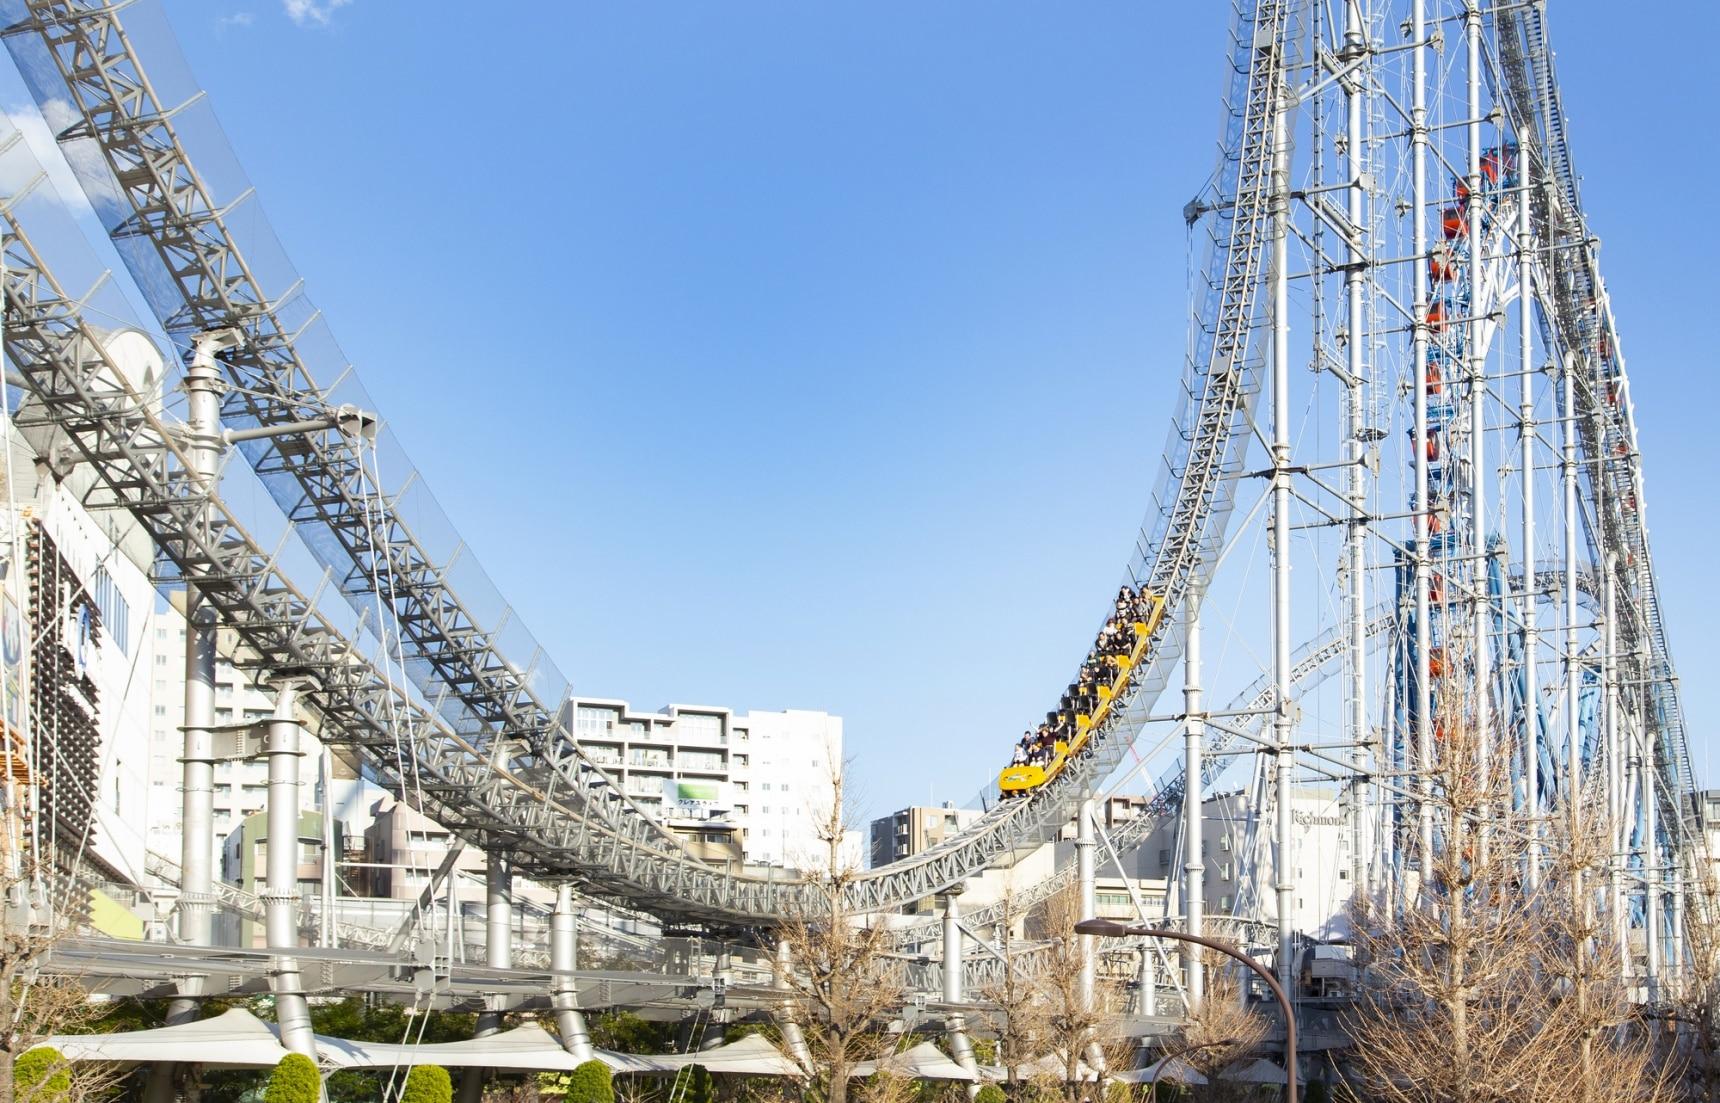 【東京景點】除了東京迪士尼,適合親子歡樂一整天的東京四大主題公園